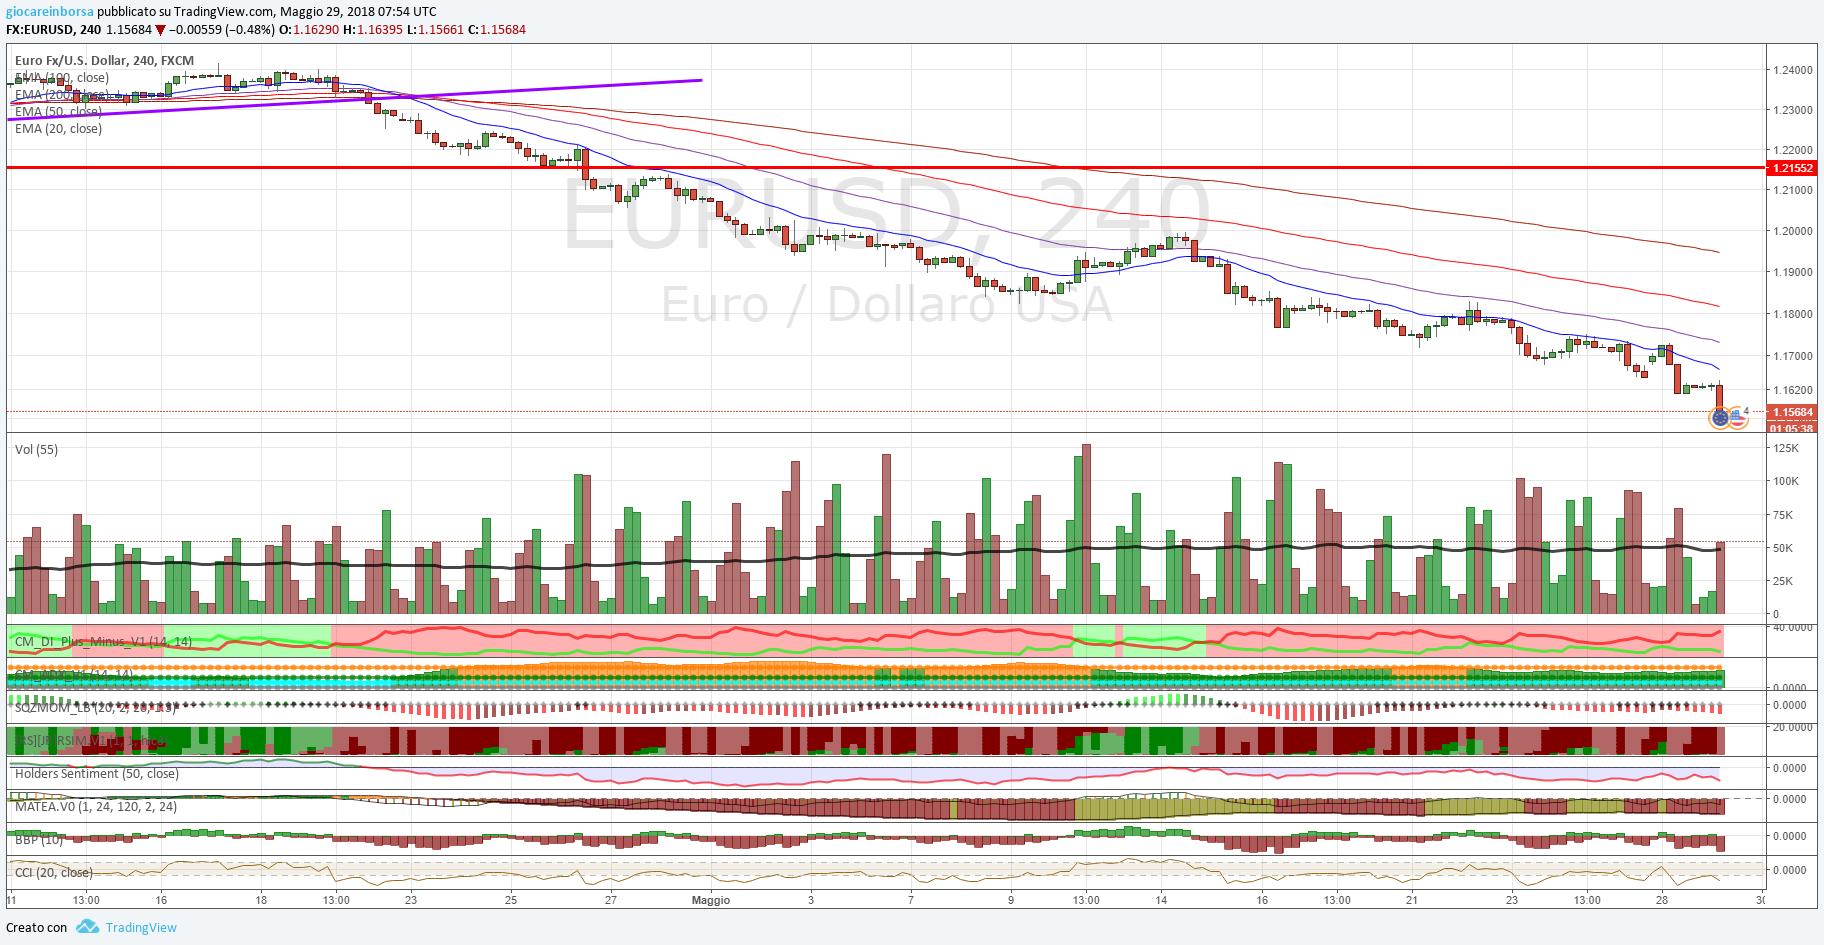 Cambio Euro Dollaro, analisi tecnica al 29 maggio 2018